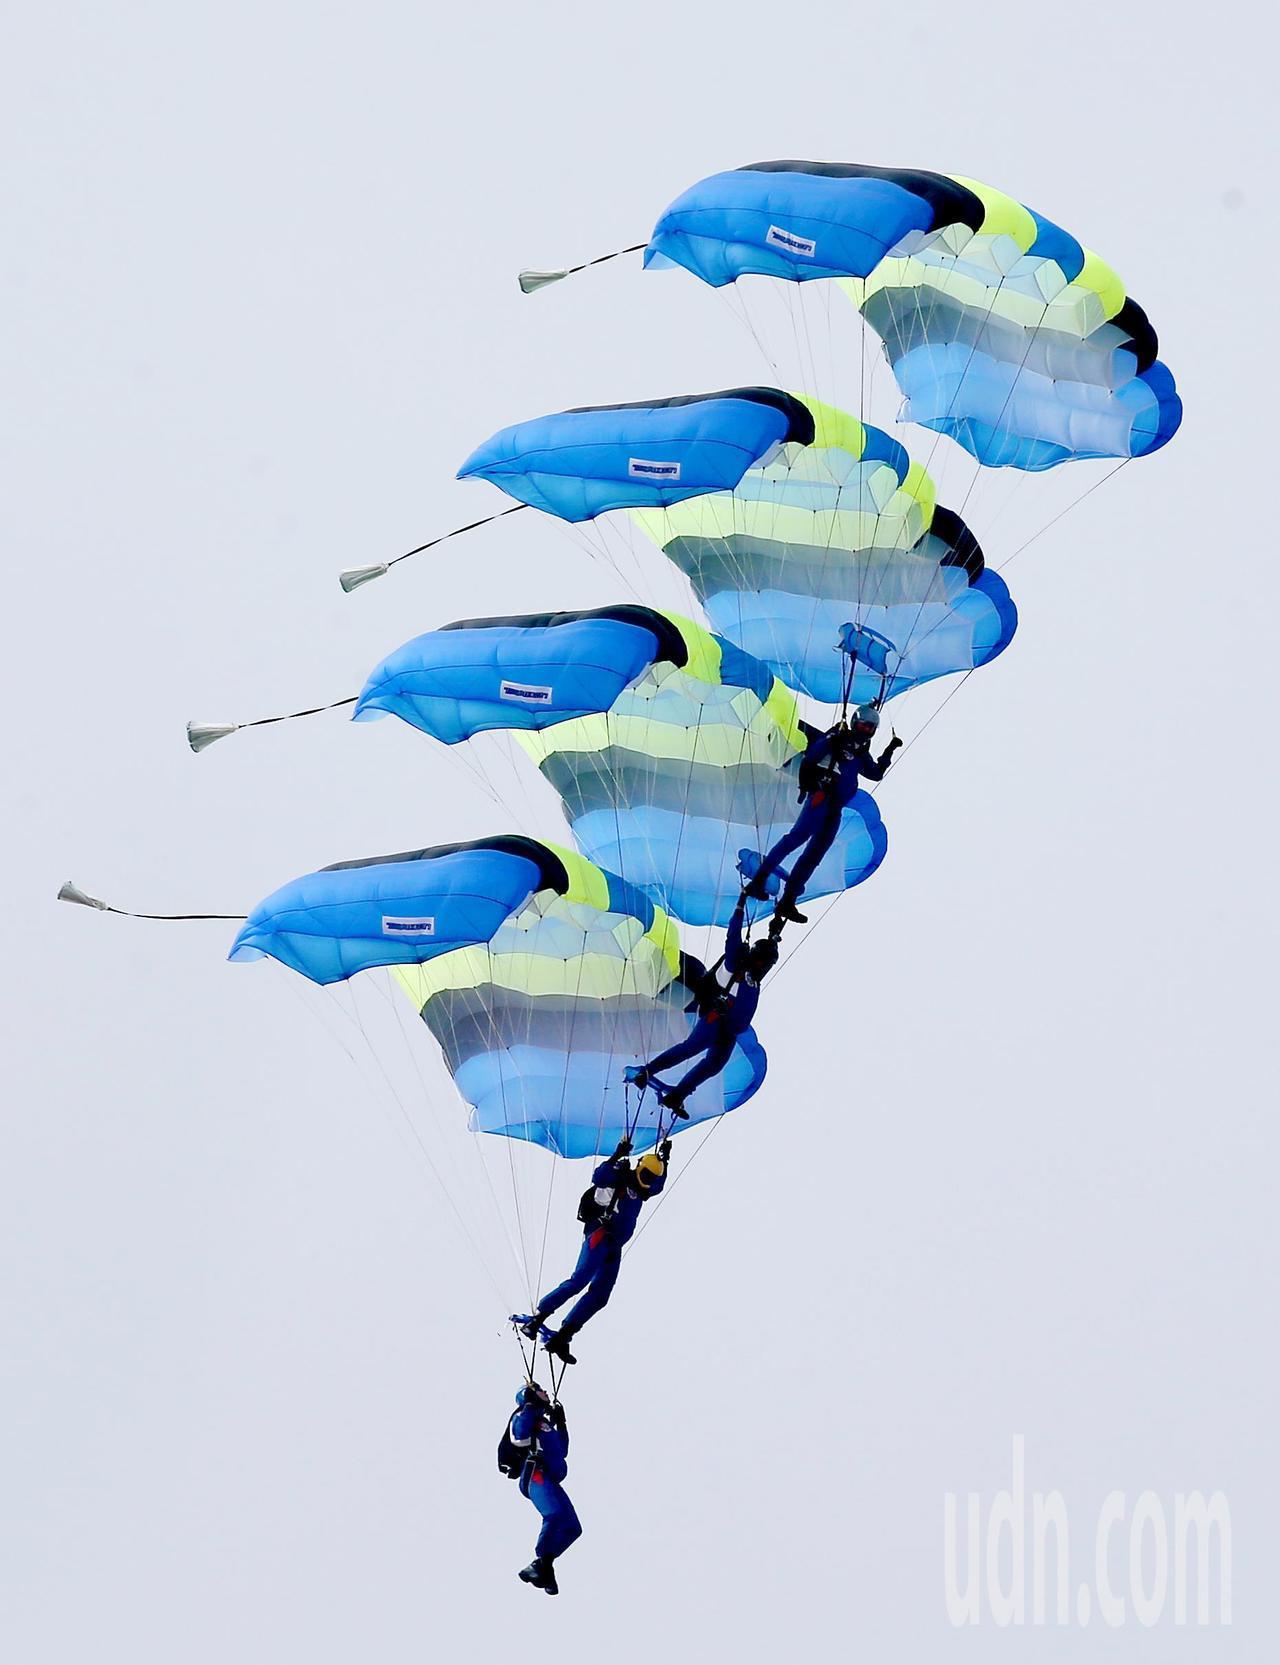 神龍小組展現四人相疊的高難度跳傘表演。記者余承翰/攝影